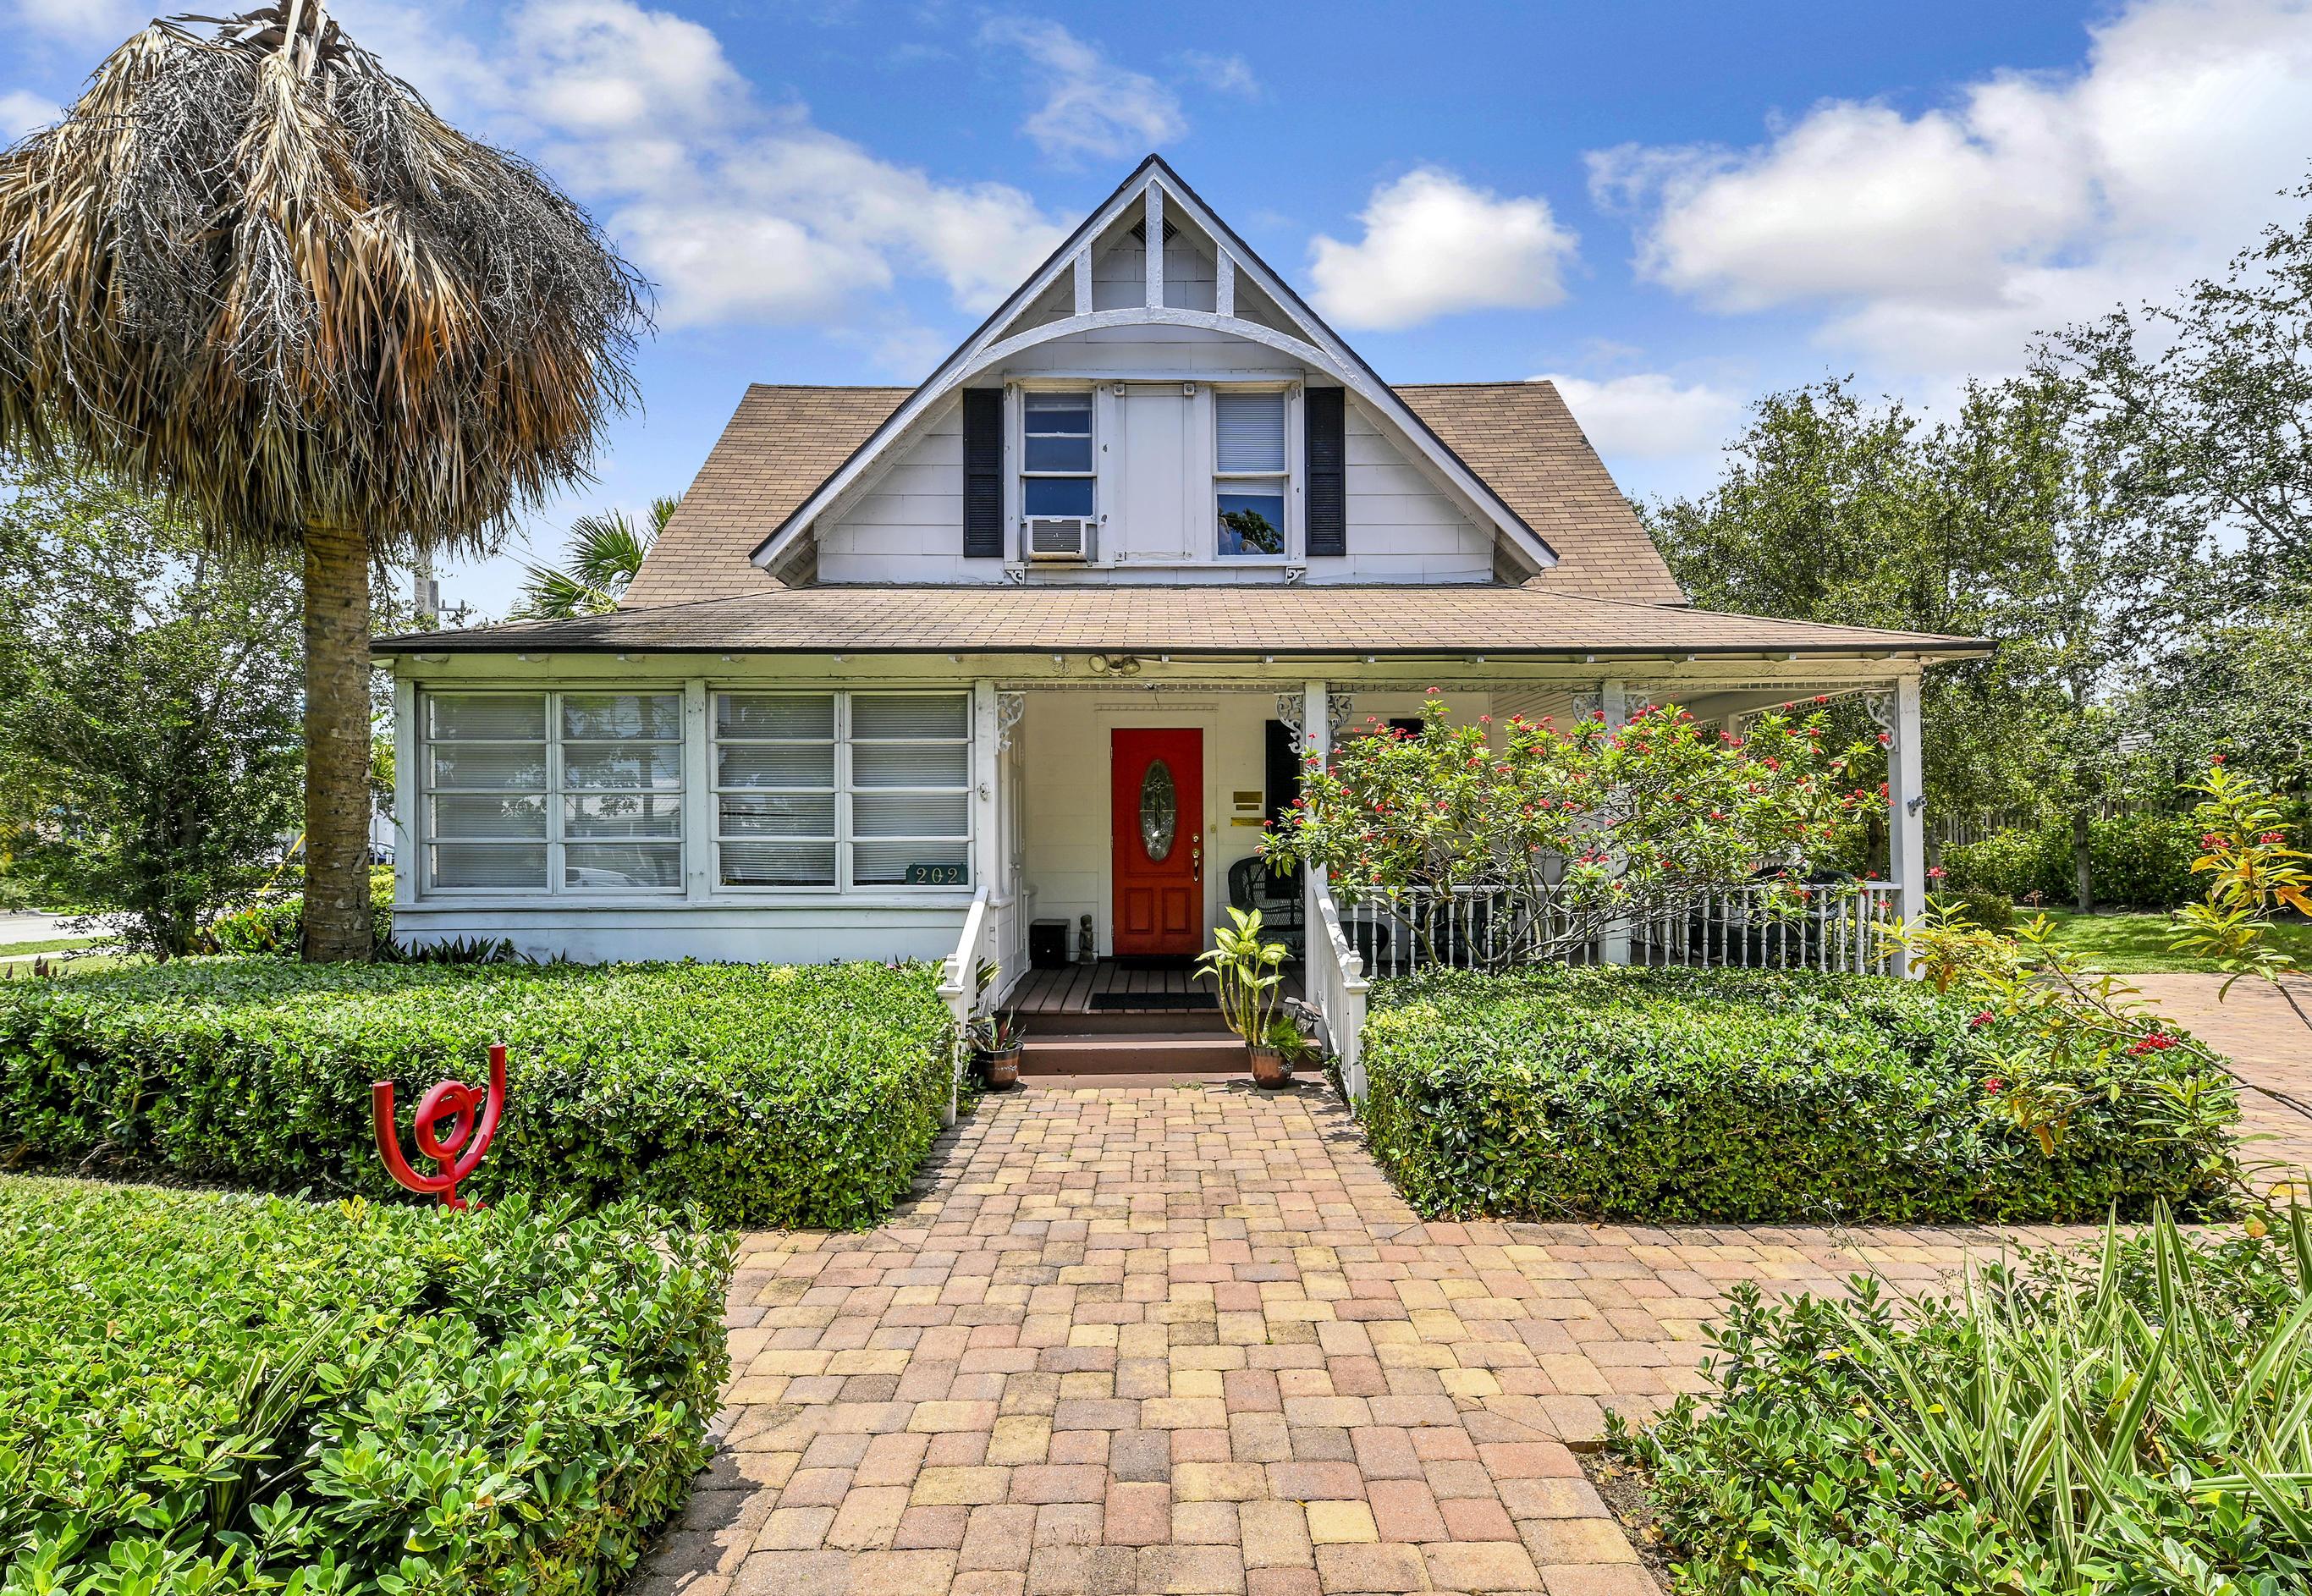 202 Swinton Avenue, Delray Beach, Florida 33444, 5 Bedrooms Bedrooms, ,3.1 BathroomsBathrooms,Single Family Detached,For Sale,Swinton,RX-10733662